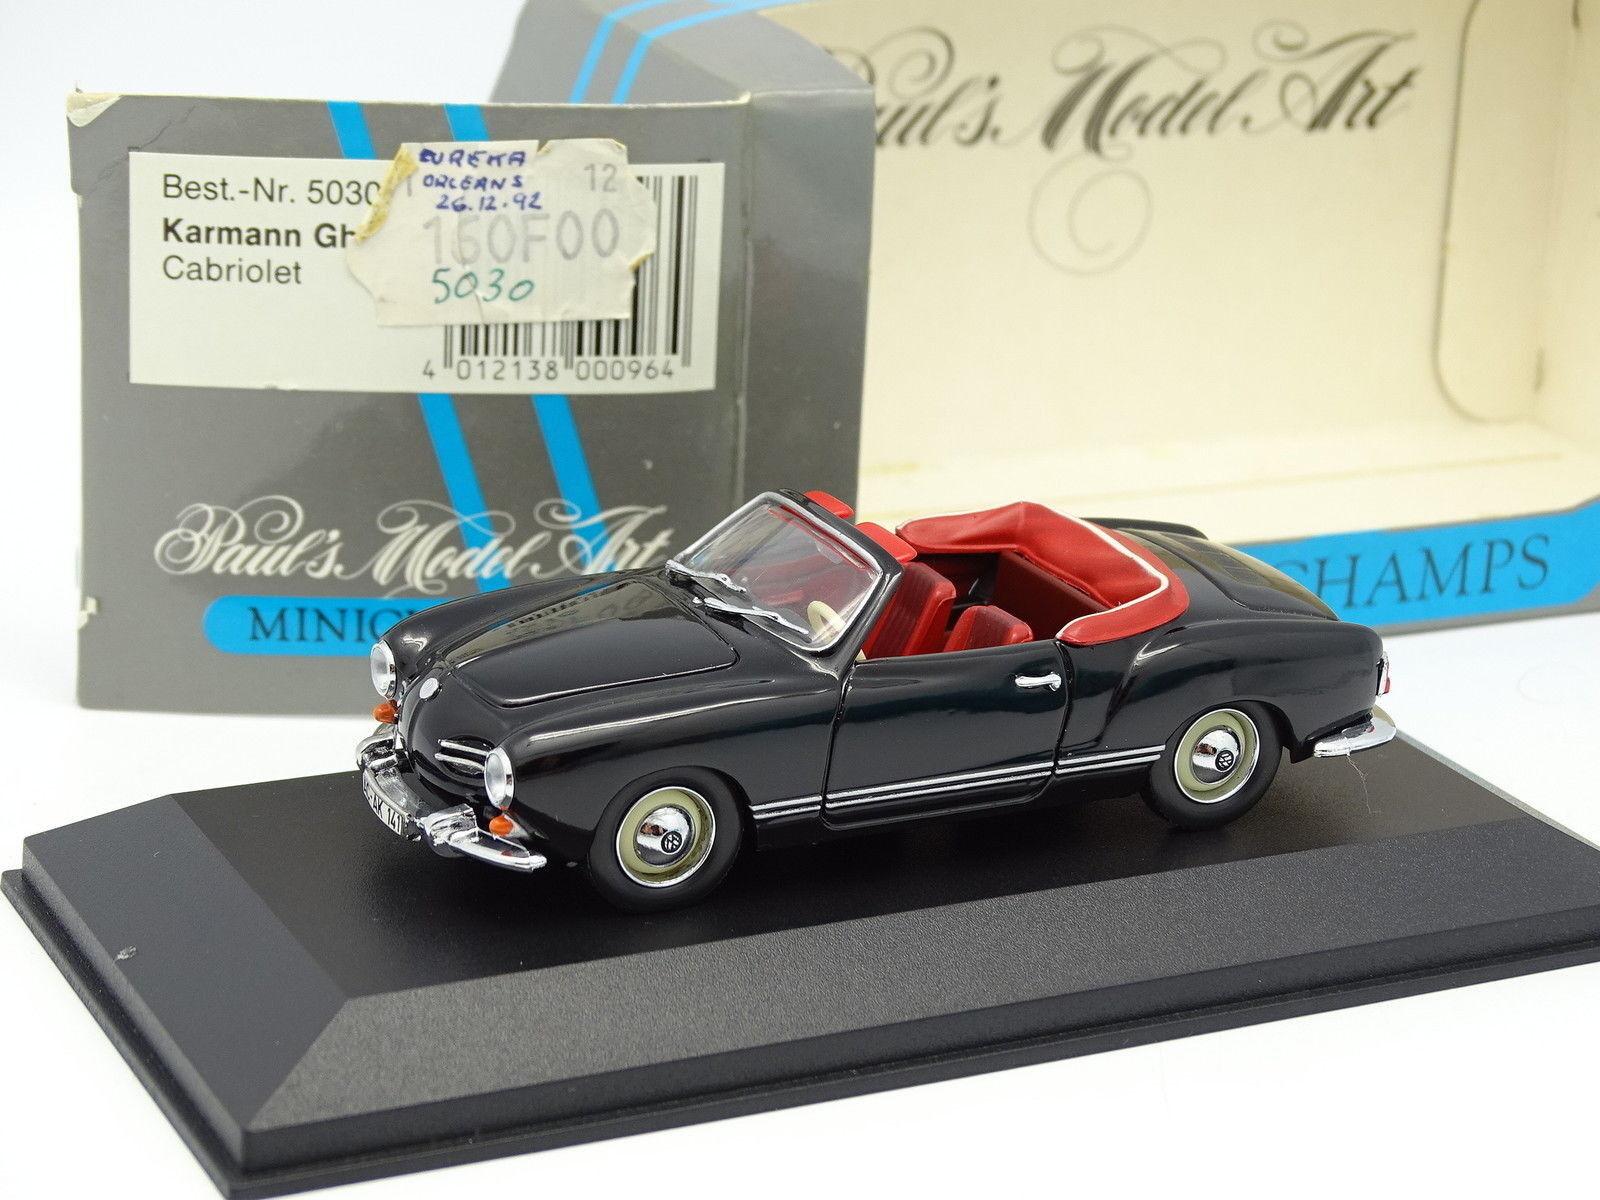 Minichamps 1 43 - VW Karmann Ghia Cabriolet Noire